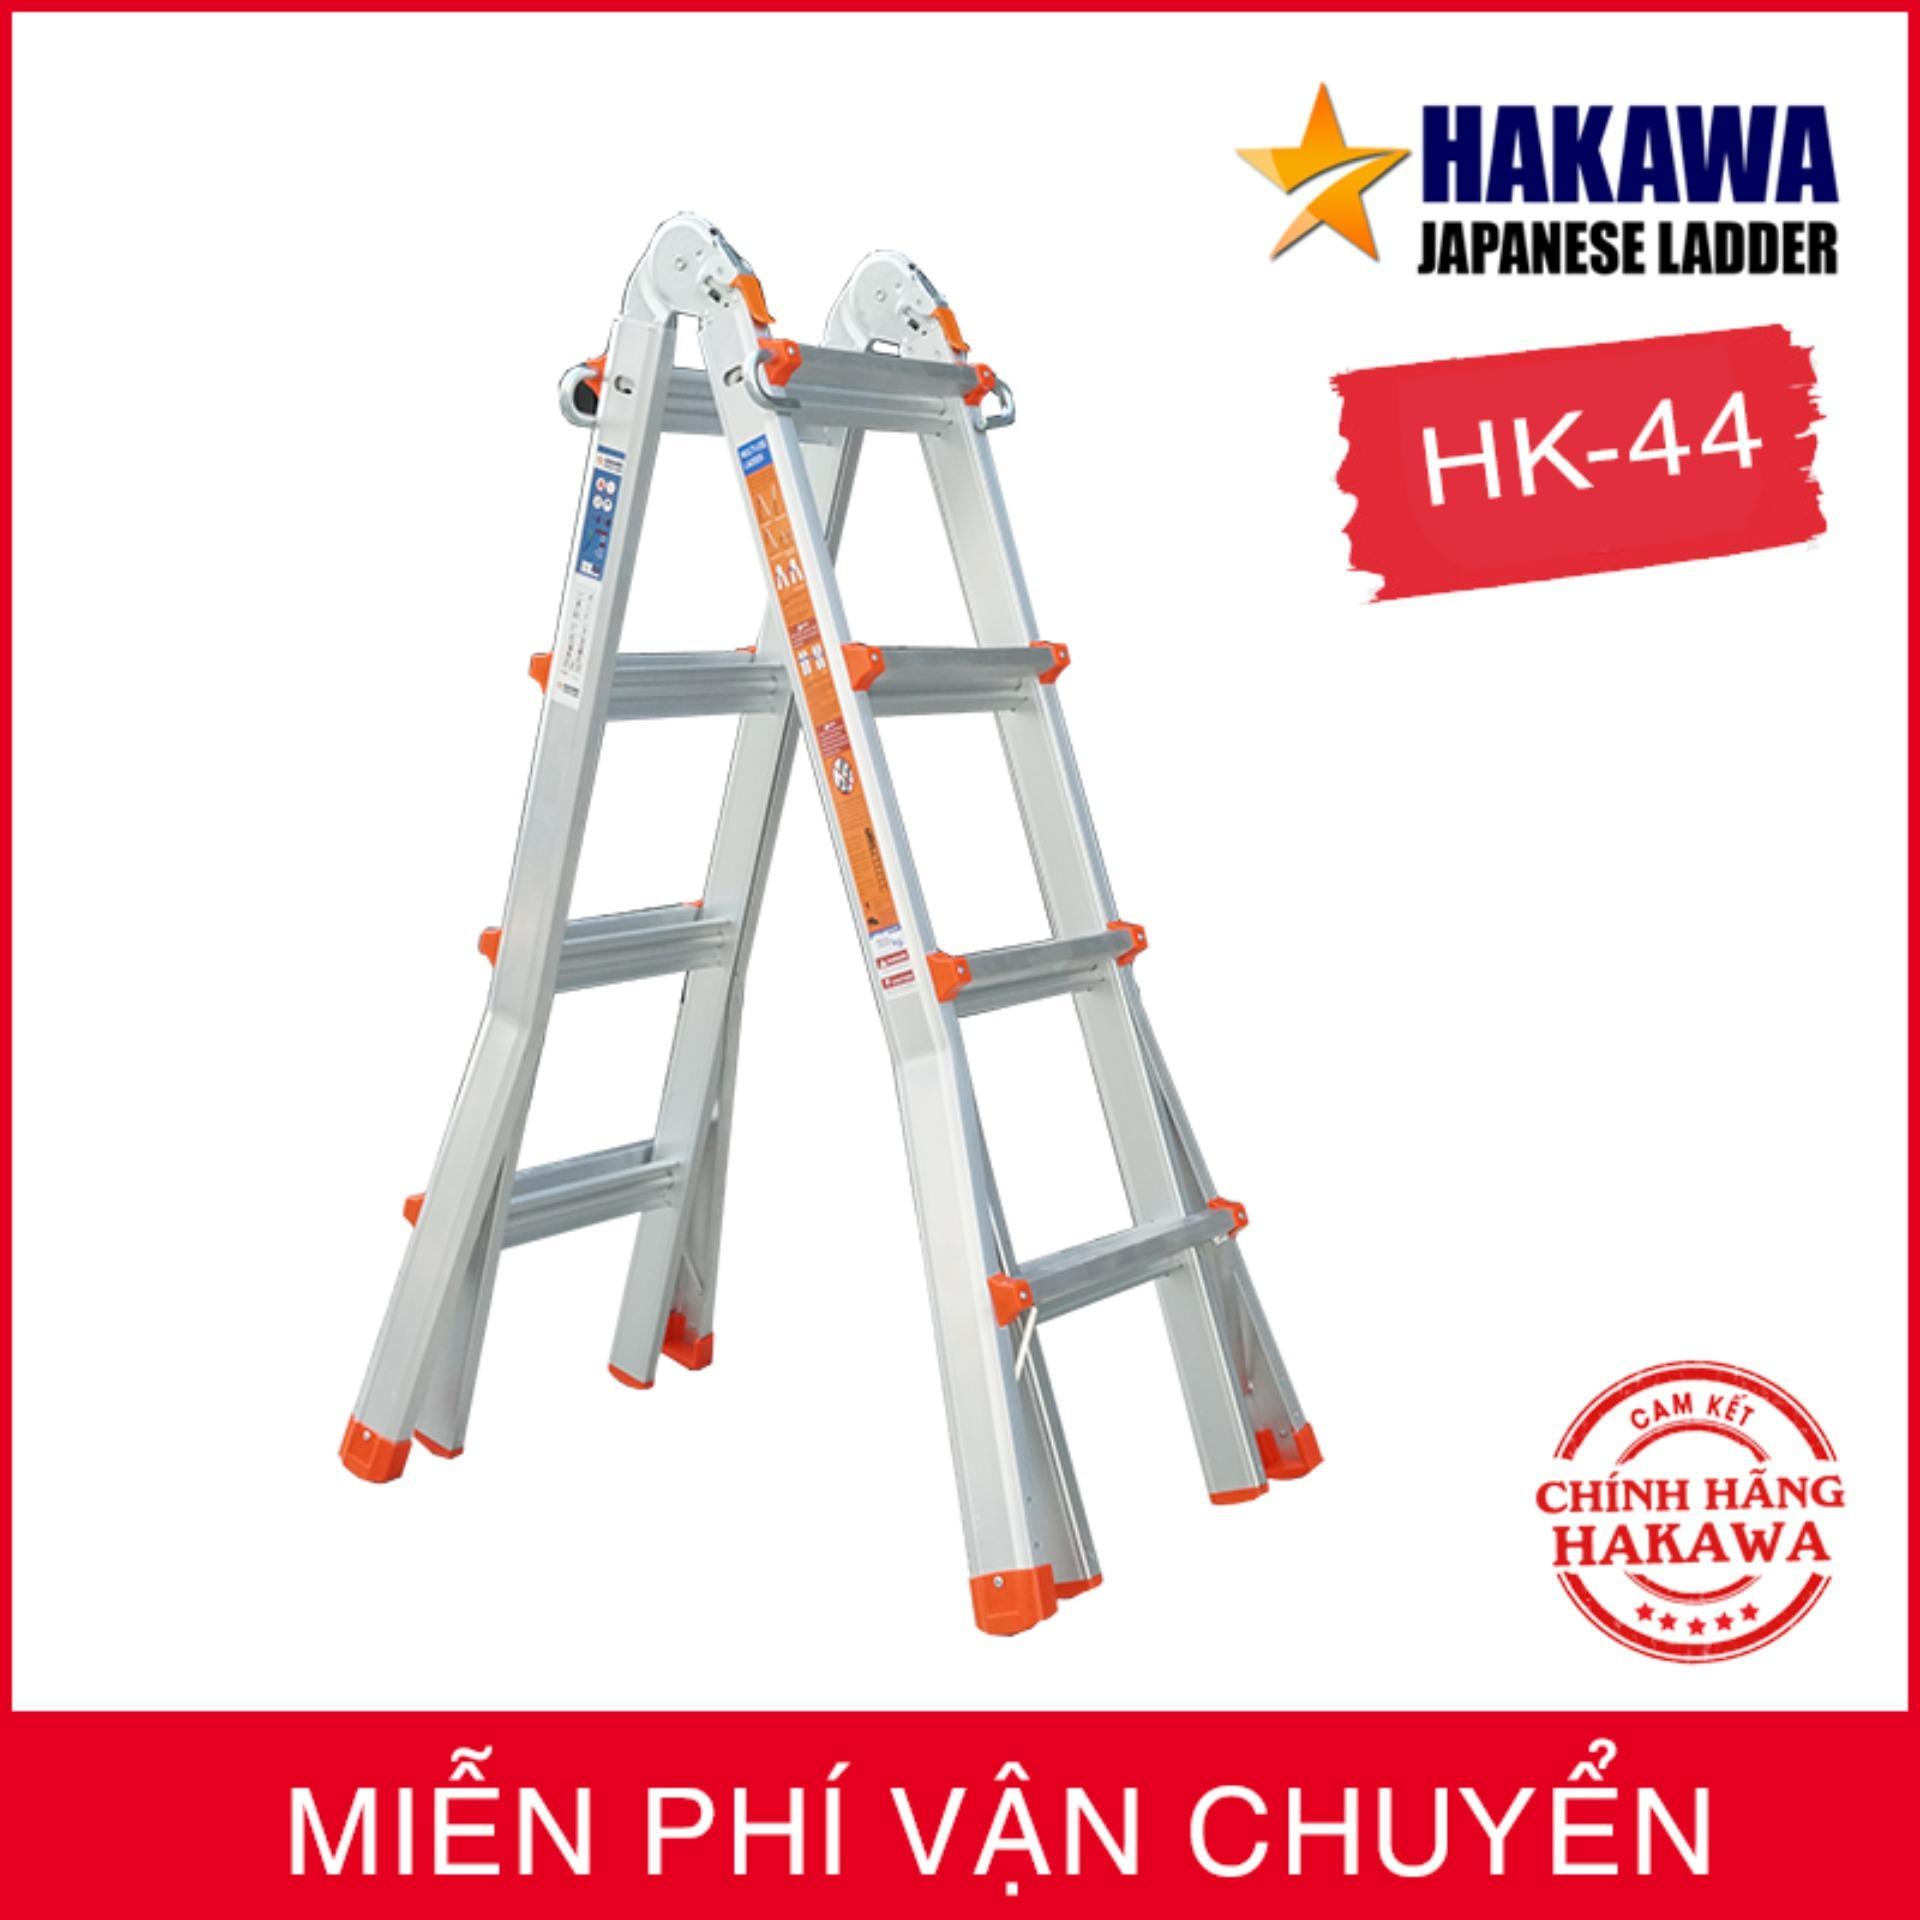 [THANG NHÔM NHẬT BẢN] Thang trượt HAKAWA HK44 - Thiết kế thông minh , phù hợp với mọi đối tượng